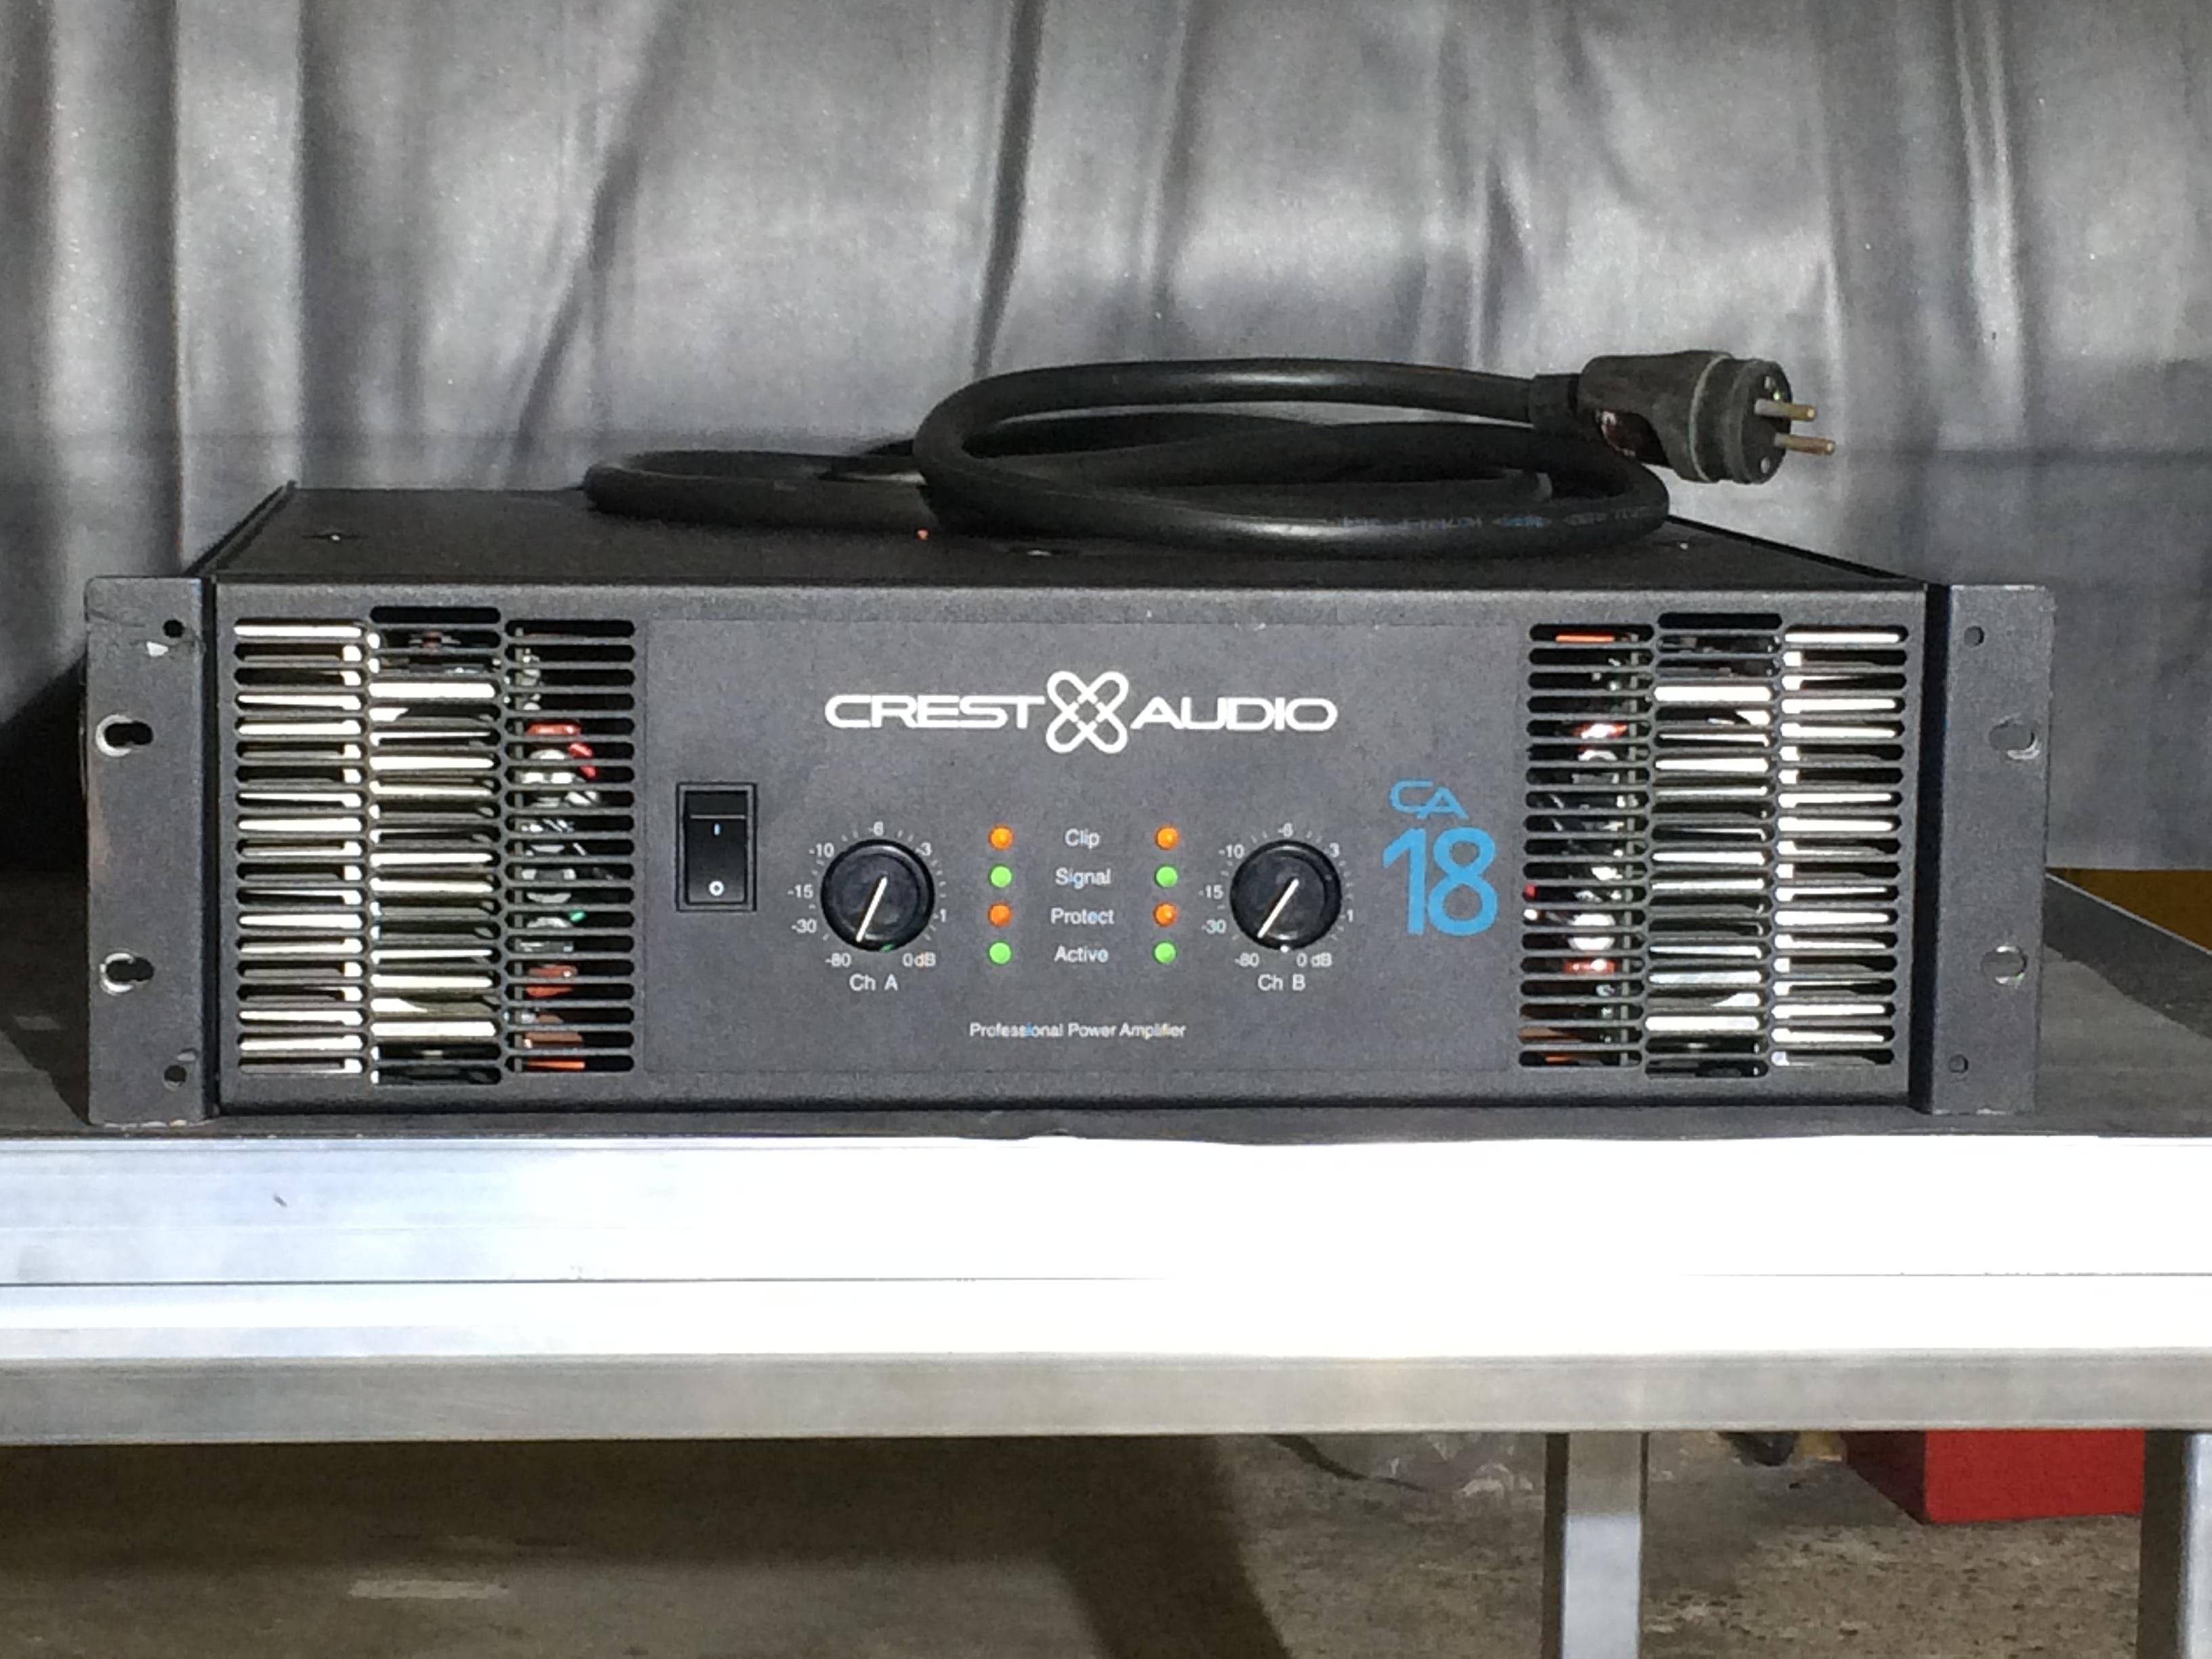 crest audio cc 4000 image 962815 audiofanzine rh en audiofanzine com Amplifiers Crest Audio CD 4000 Crest CC4000 Specs